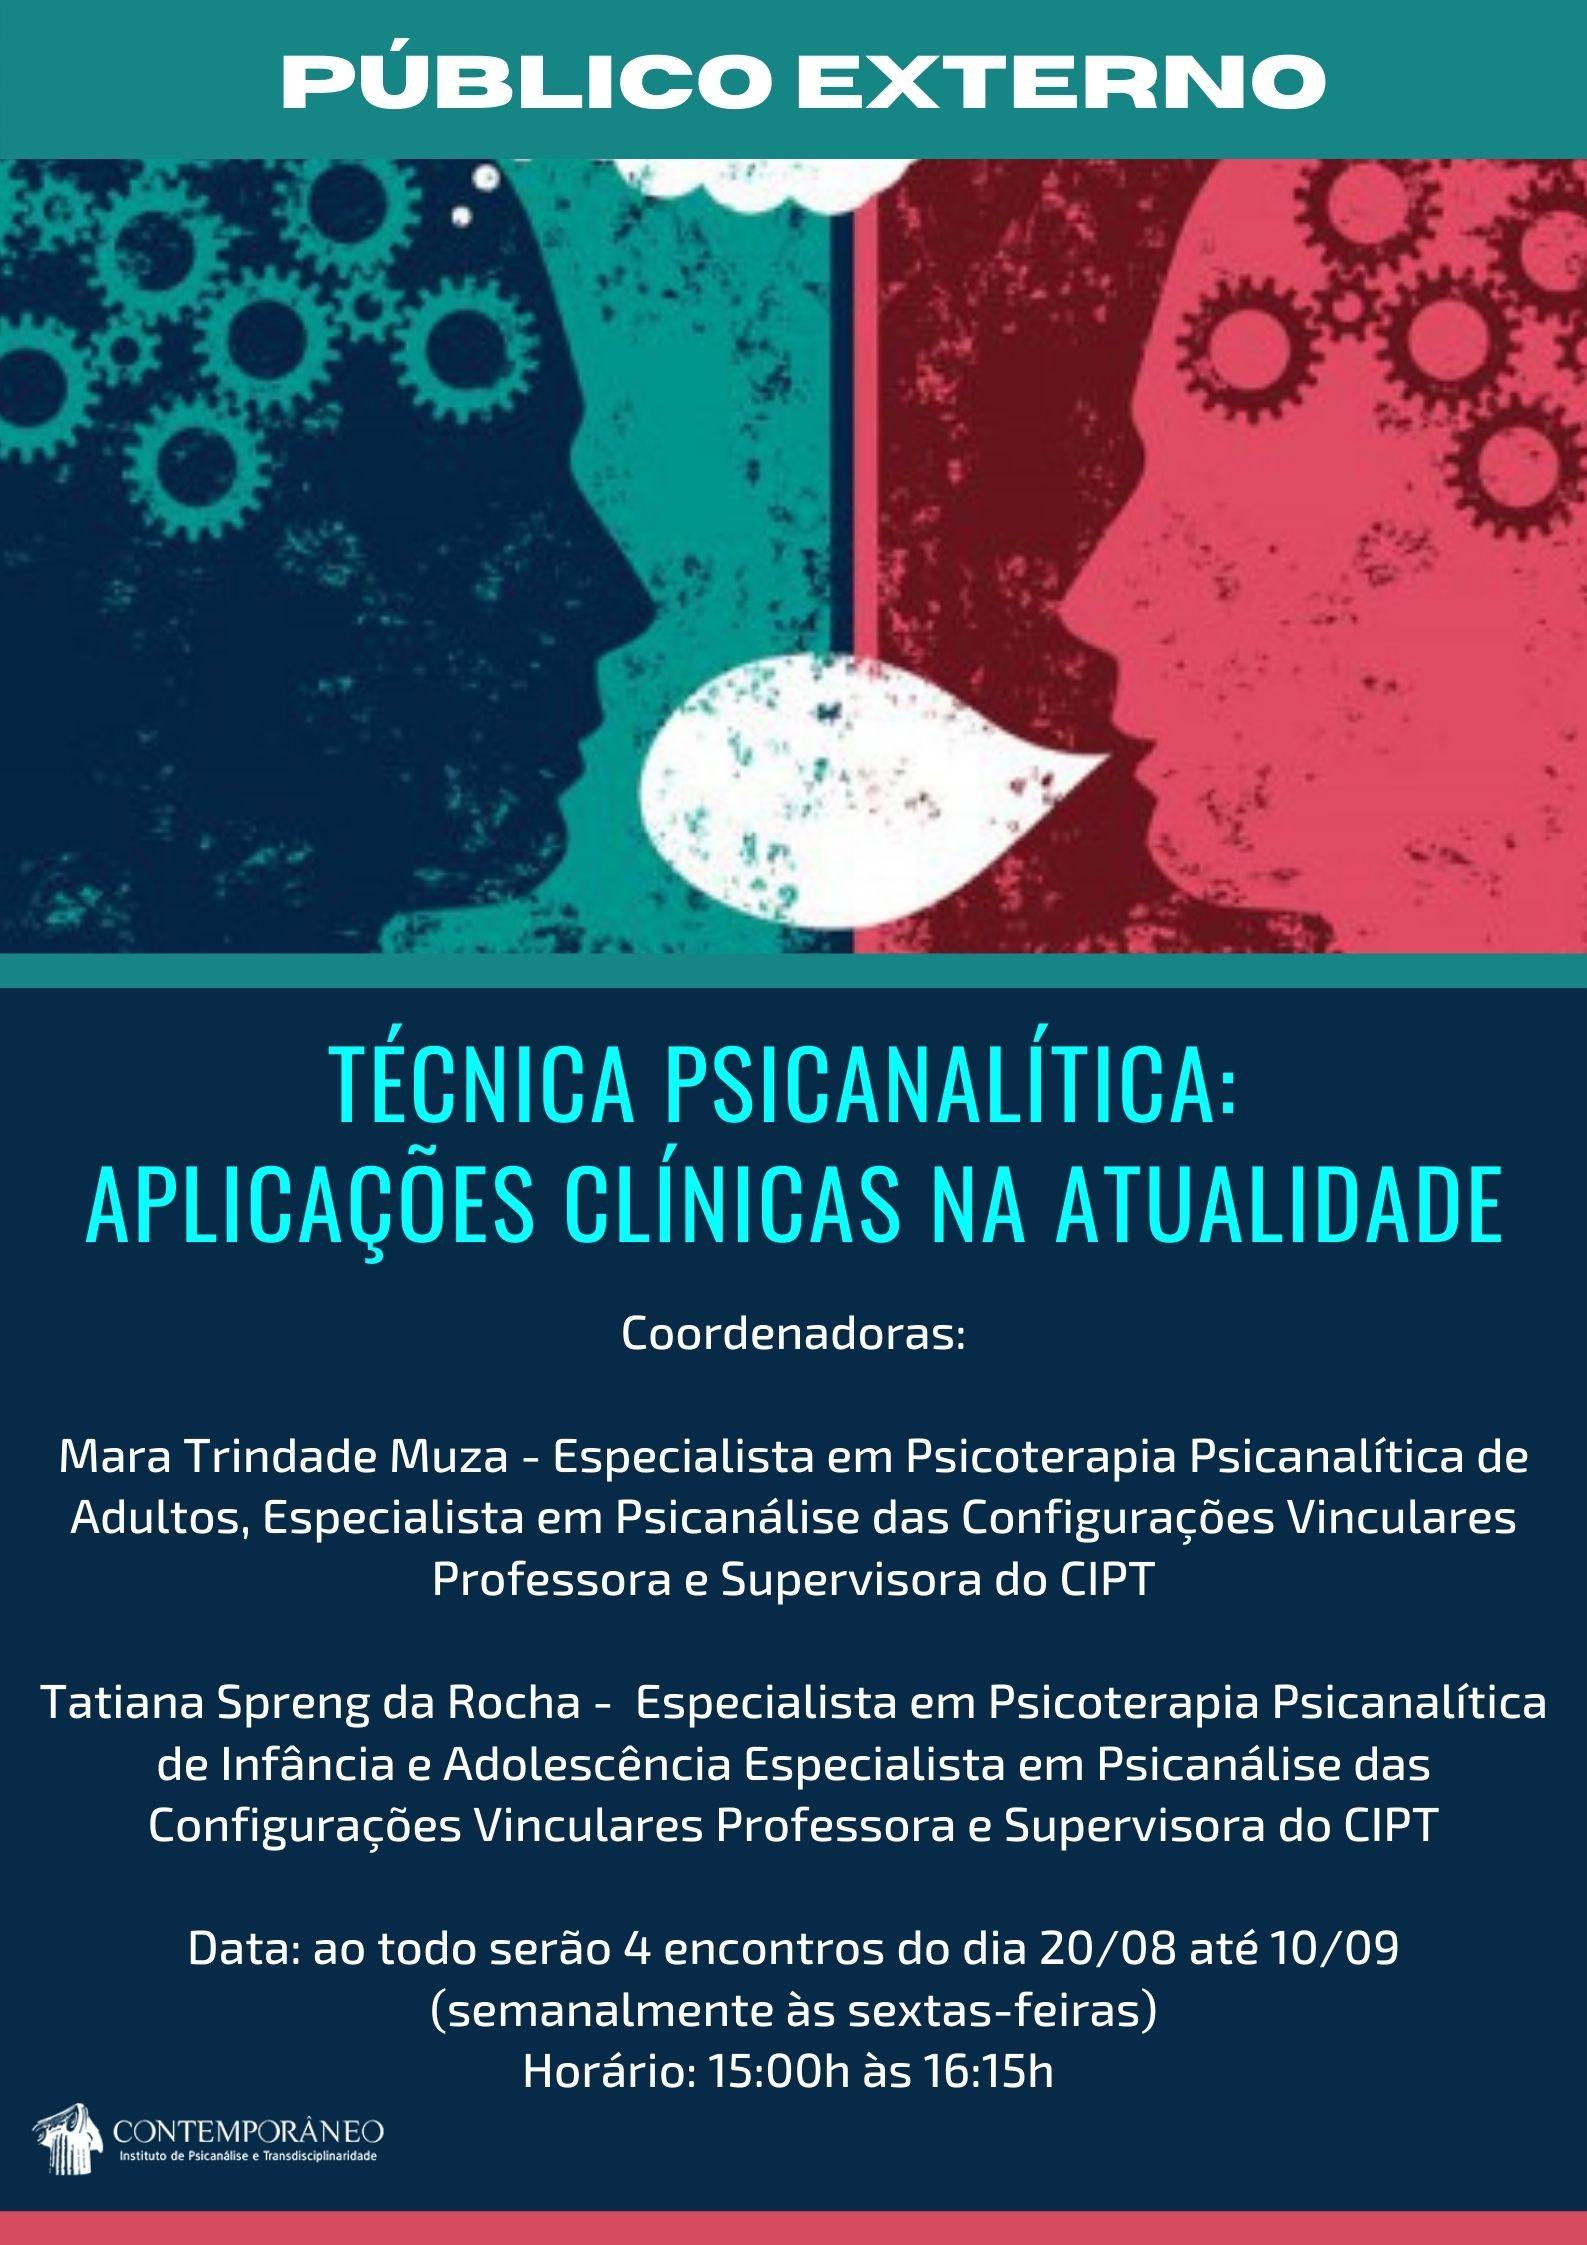 Curso para Técnica Psicanalítica: Aplicações Clínicas na Atualidade - Público Externo